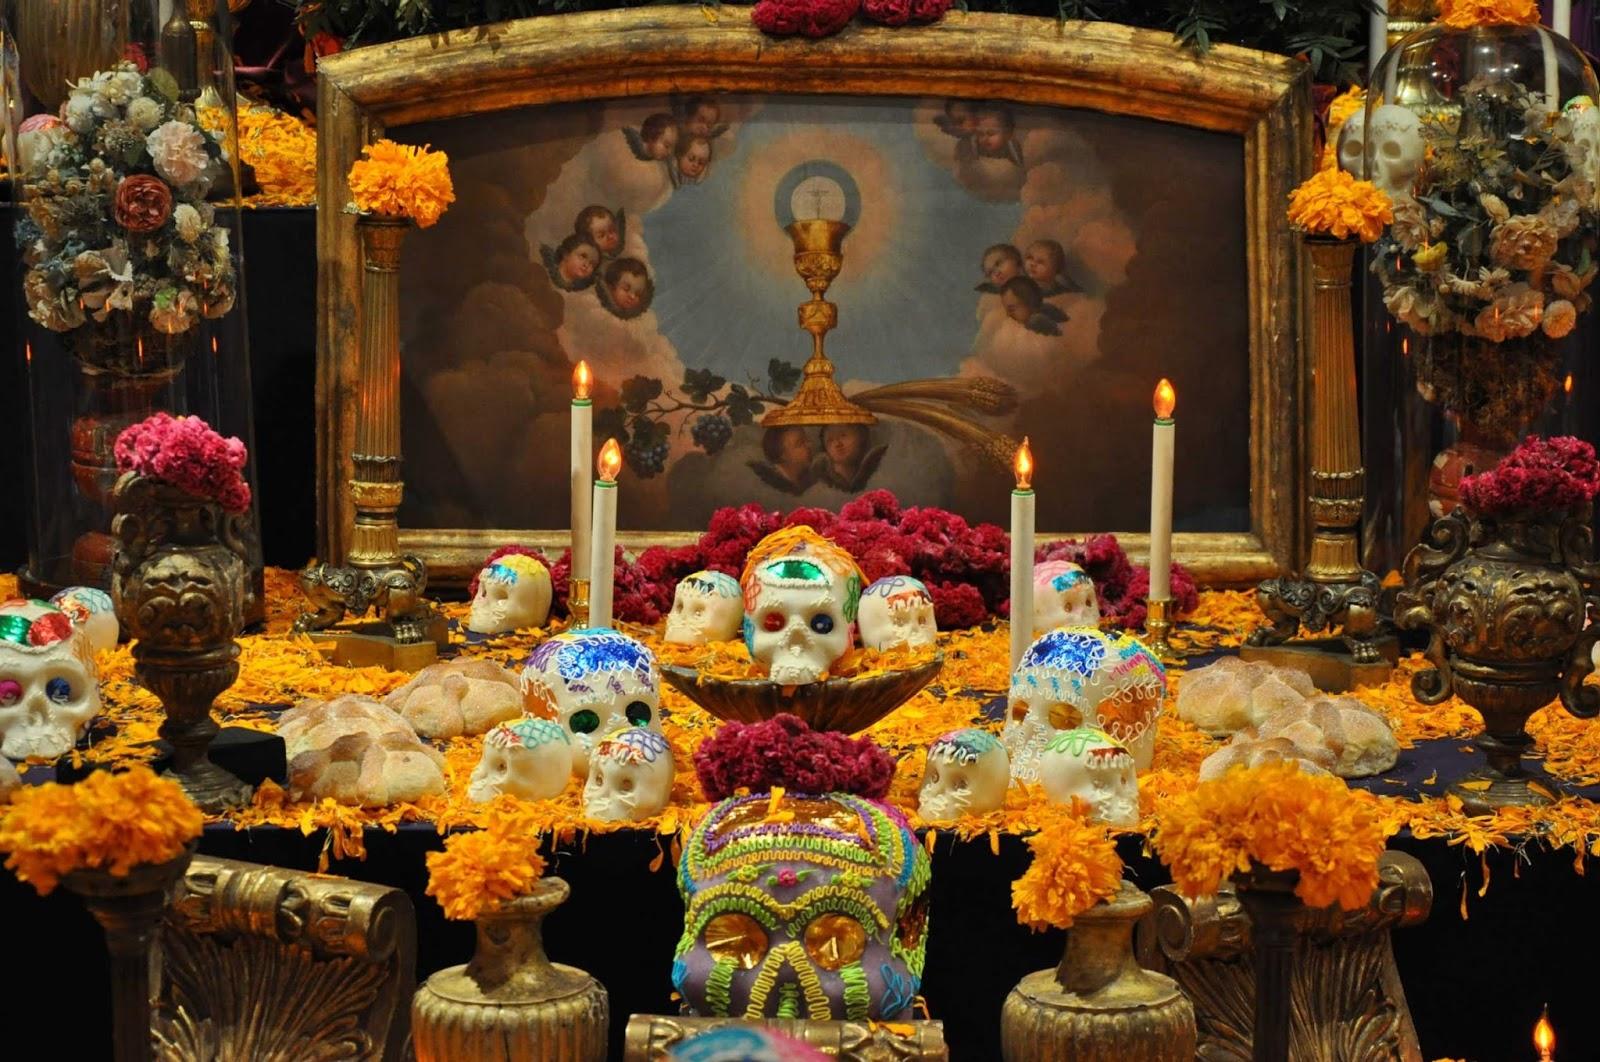 Por qué se pone la ofrenda de Día de Muertos?